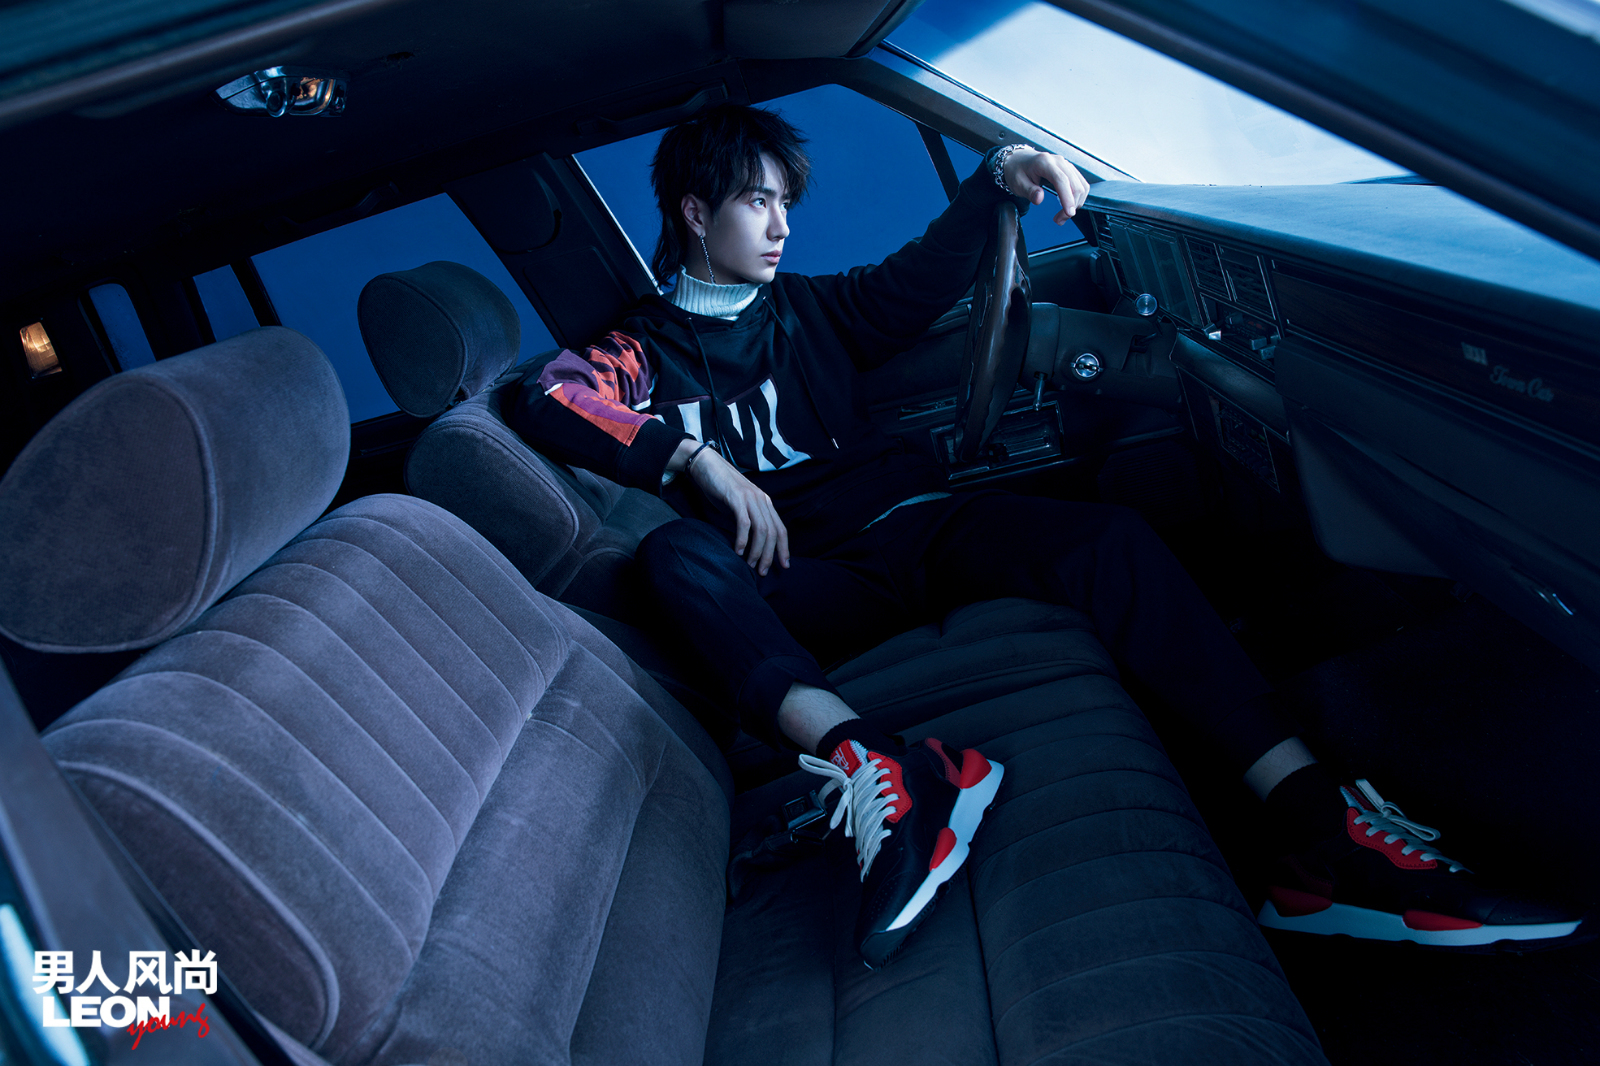 王一博登时尚杂志封面 冲出预设玩转未来感_娱乐频道_亚博